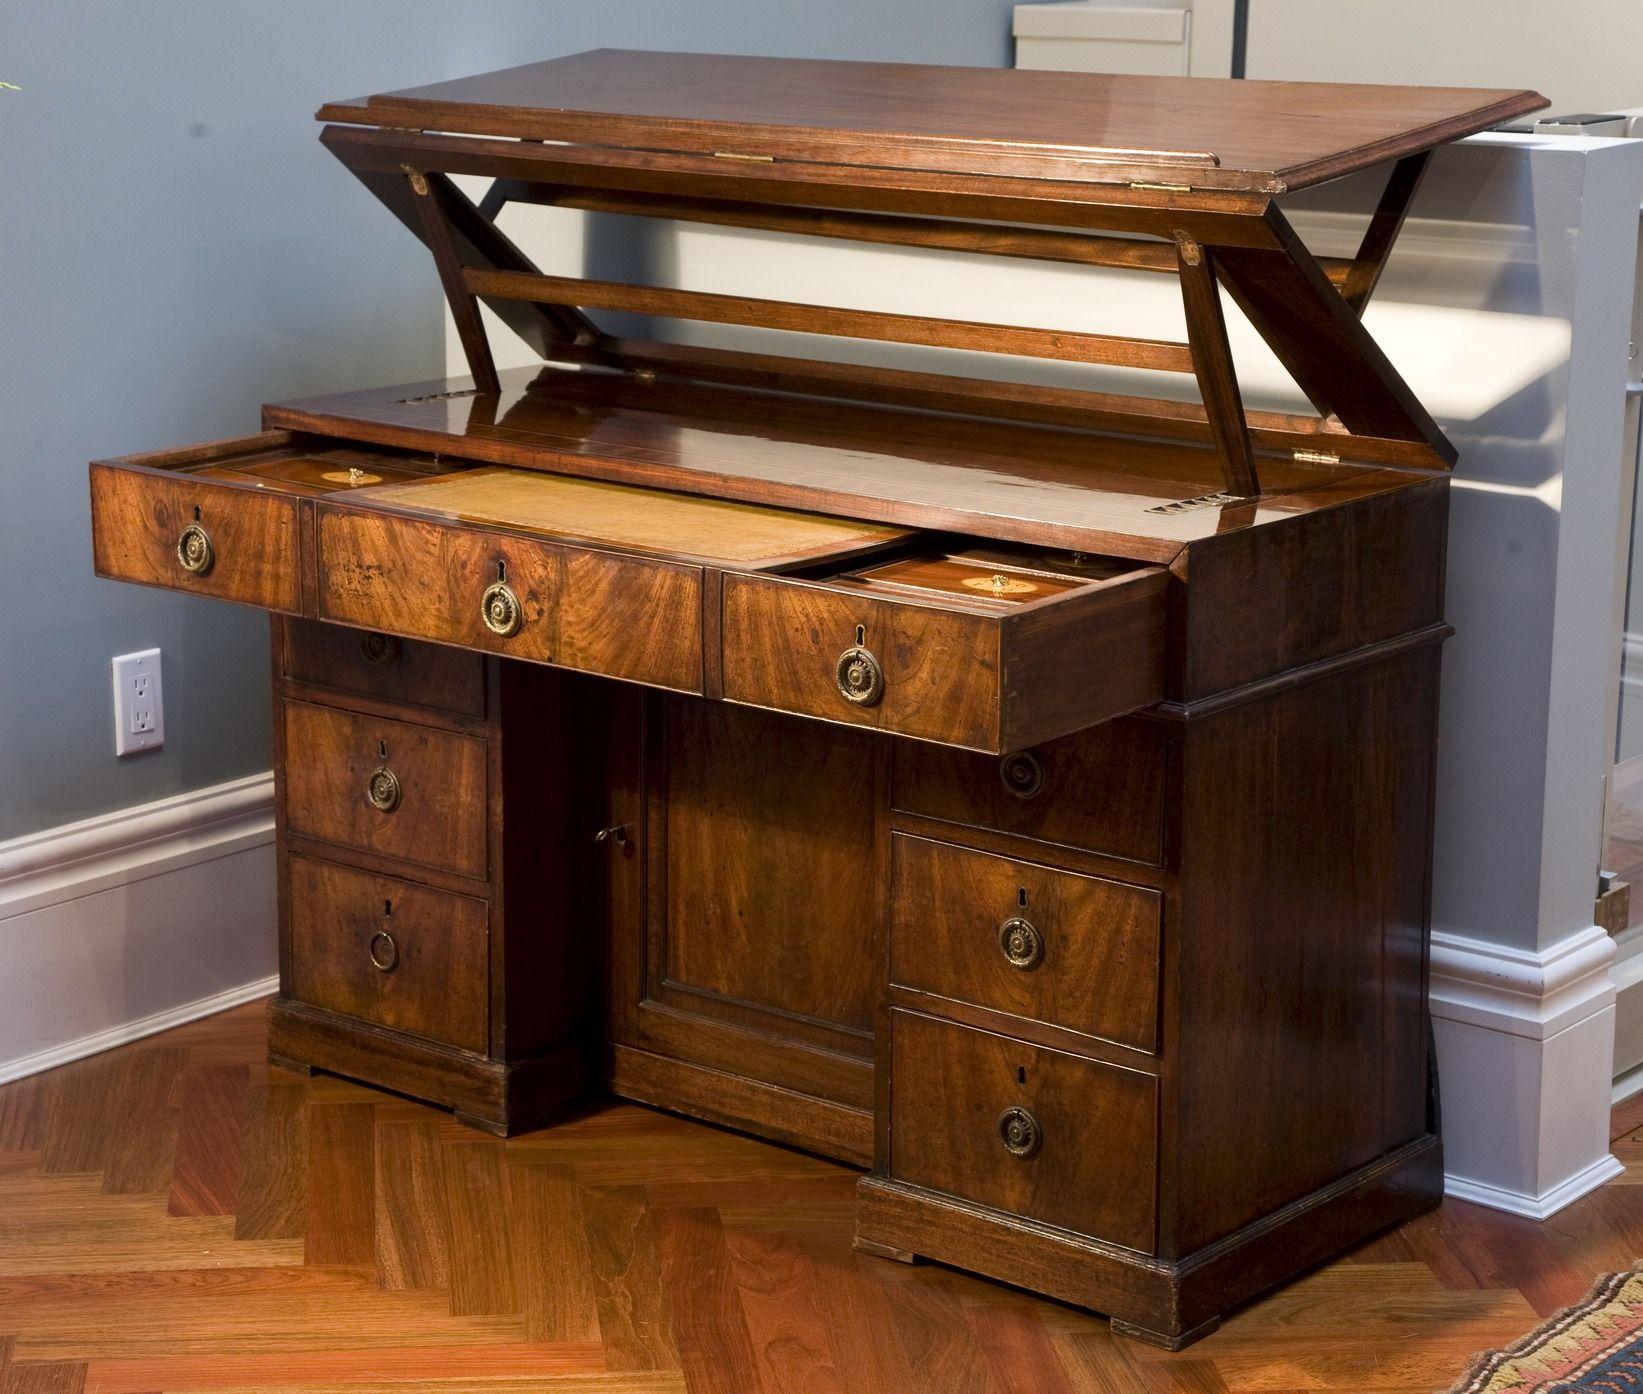 Architect Desk antique george iii mahogany architect's desk - circa 1790 - in the